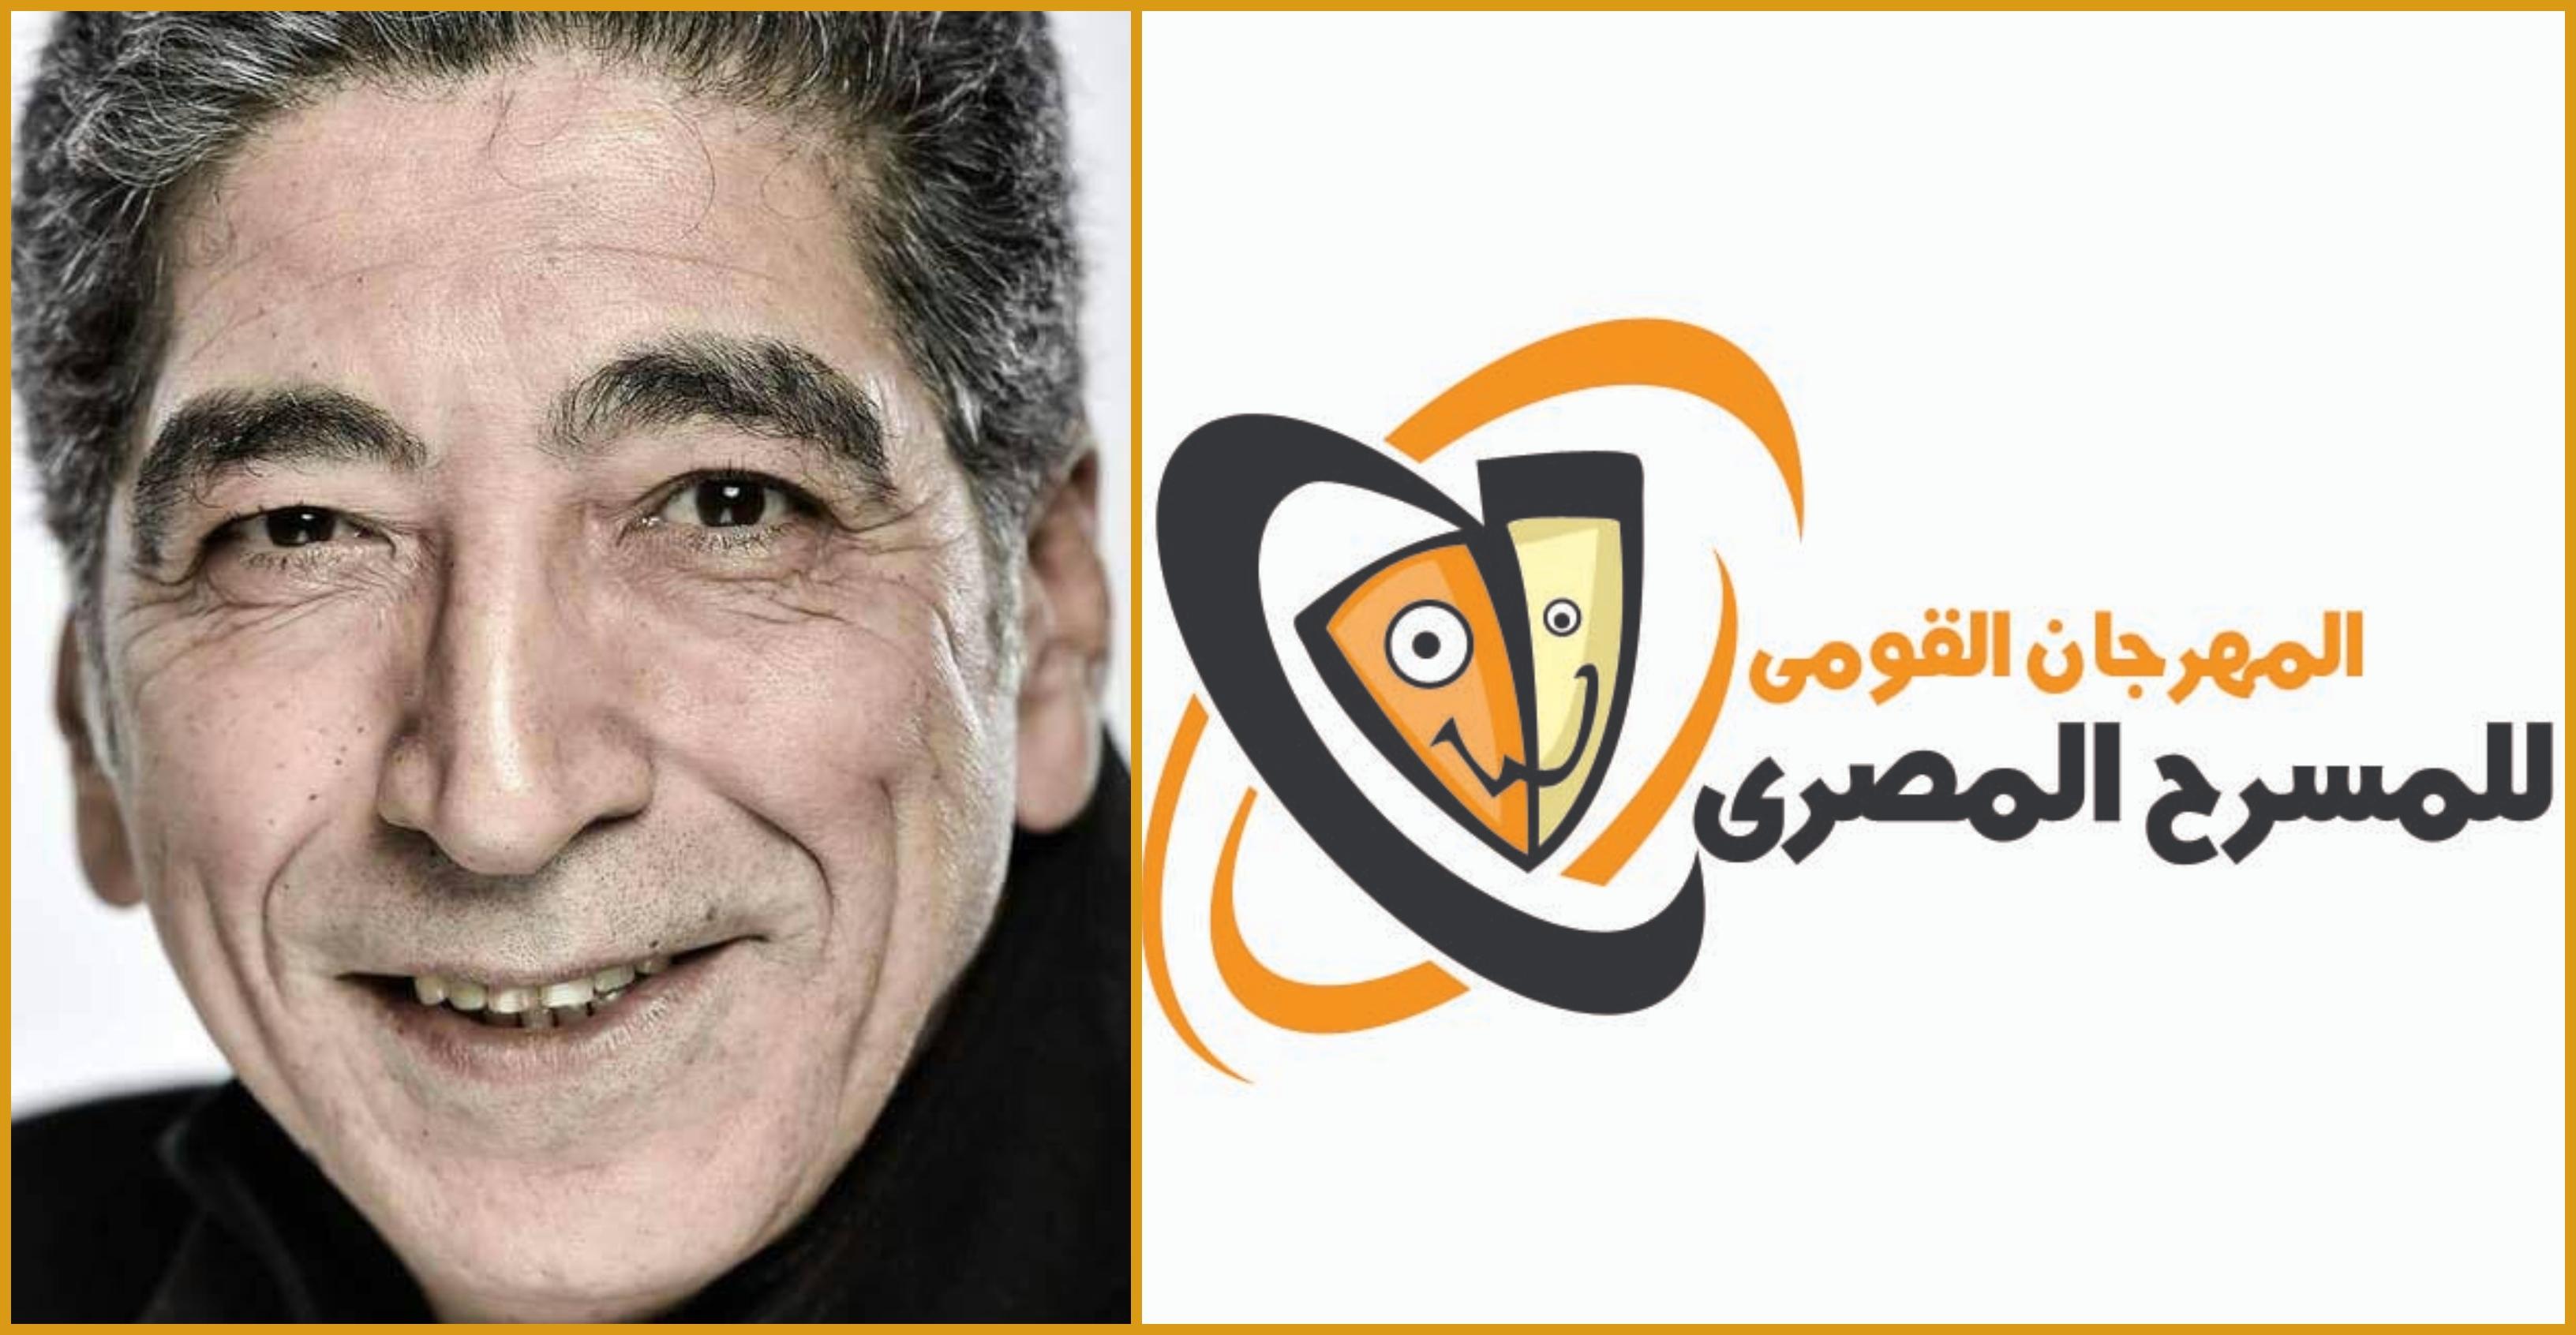 الفنان يوسف اسماعيل رئيس المهرجان القومي للمسرح